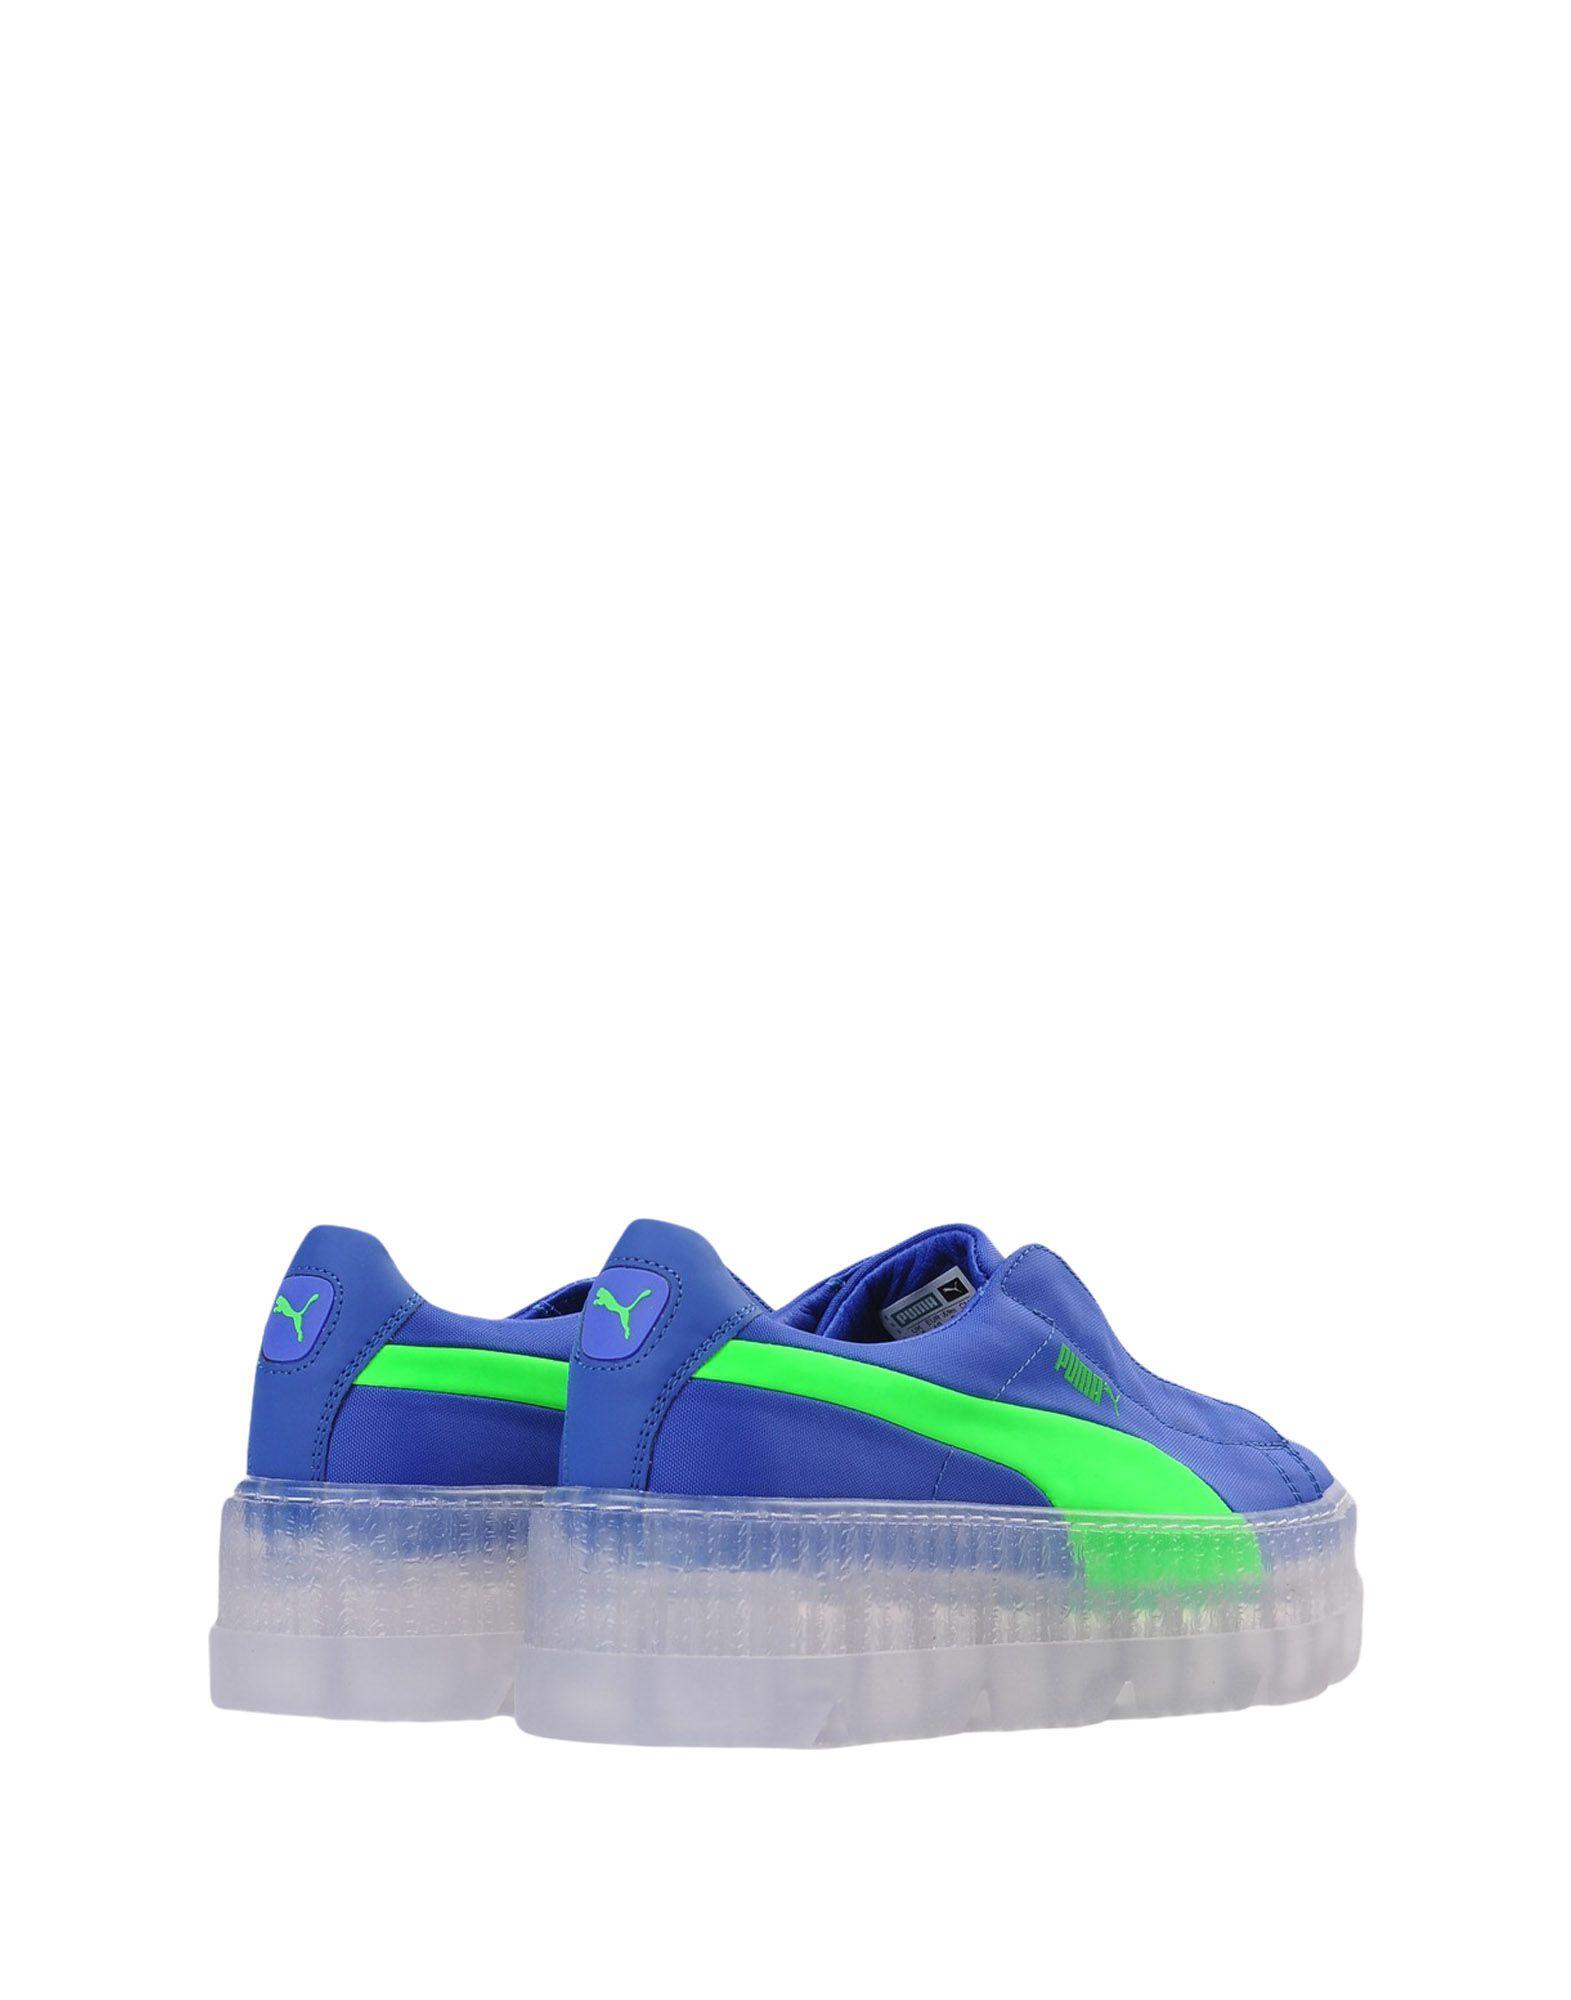 Stilvolle billige Schuhe Fenty Creeper Puma By Rihanna Cleated Creeper Fenty Surf Wns  11465157SP c3fdfa